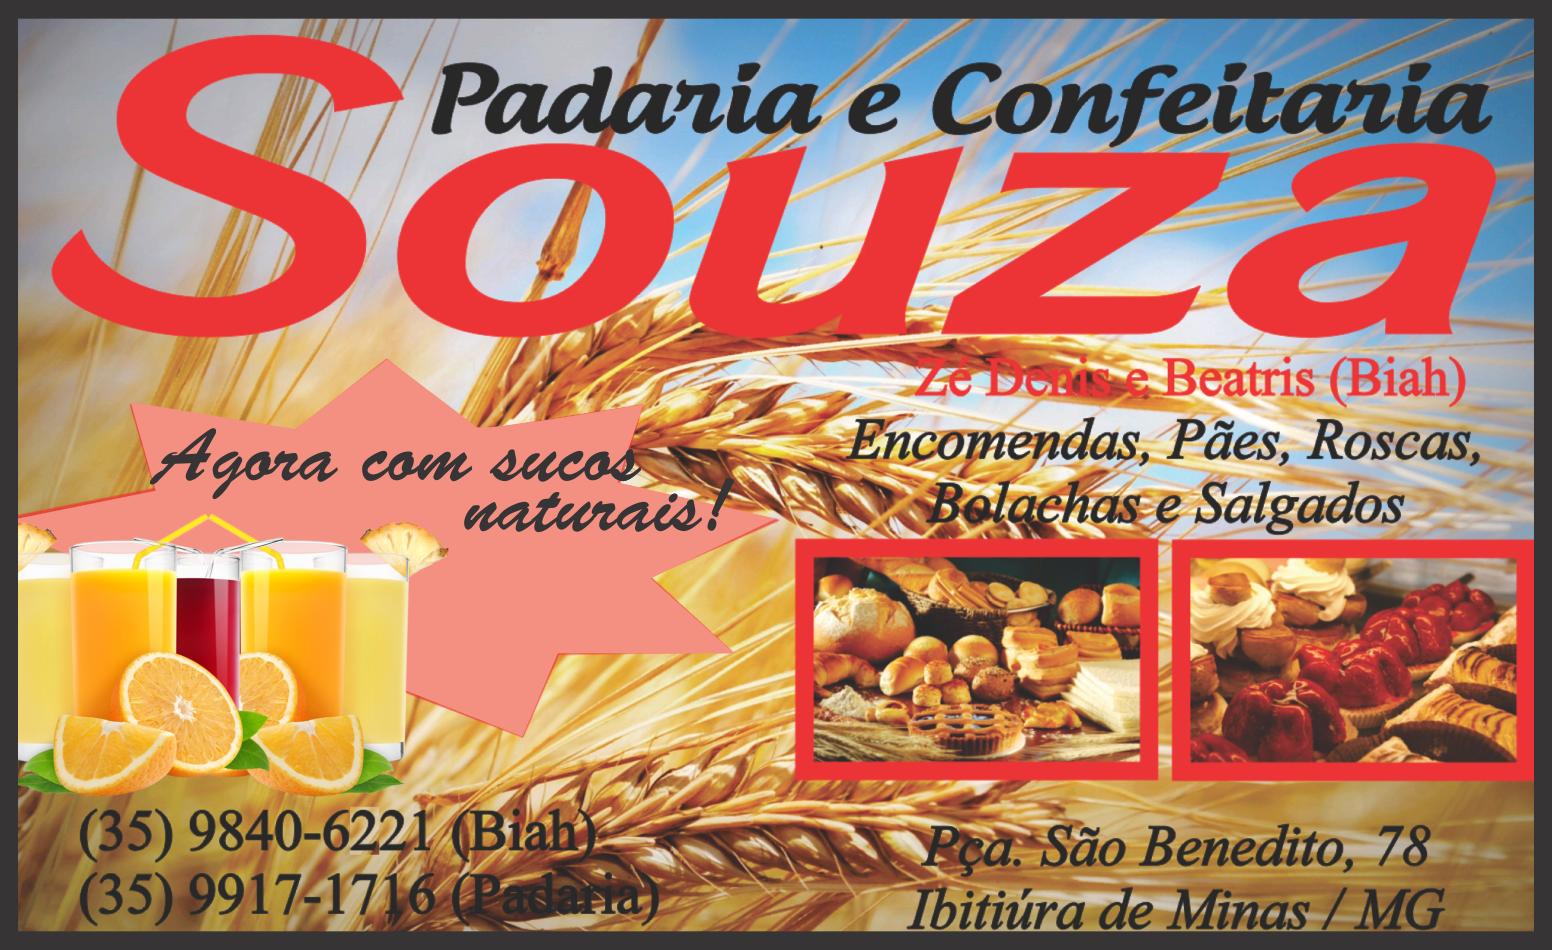 PADARIA E CONFEITARIA SOUZA